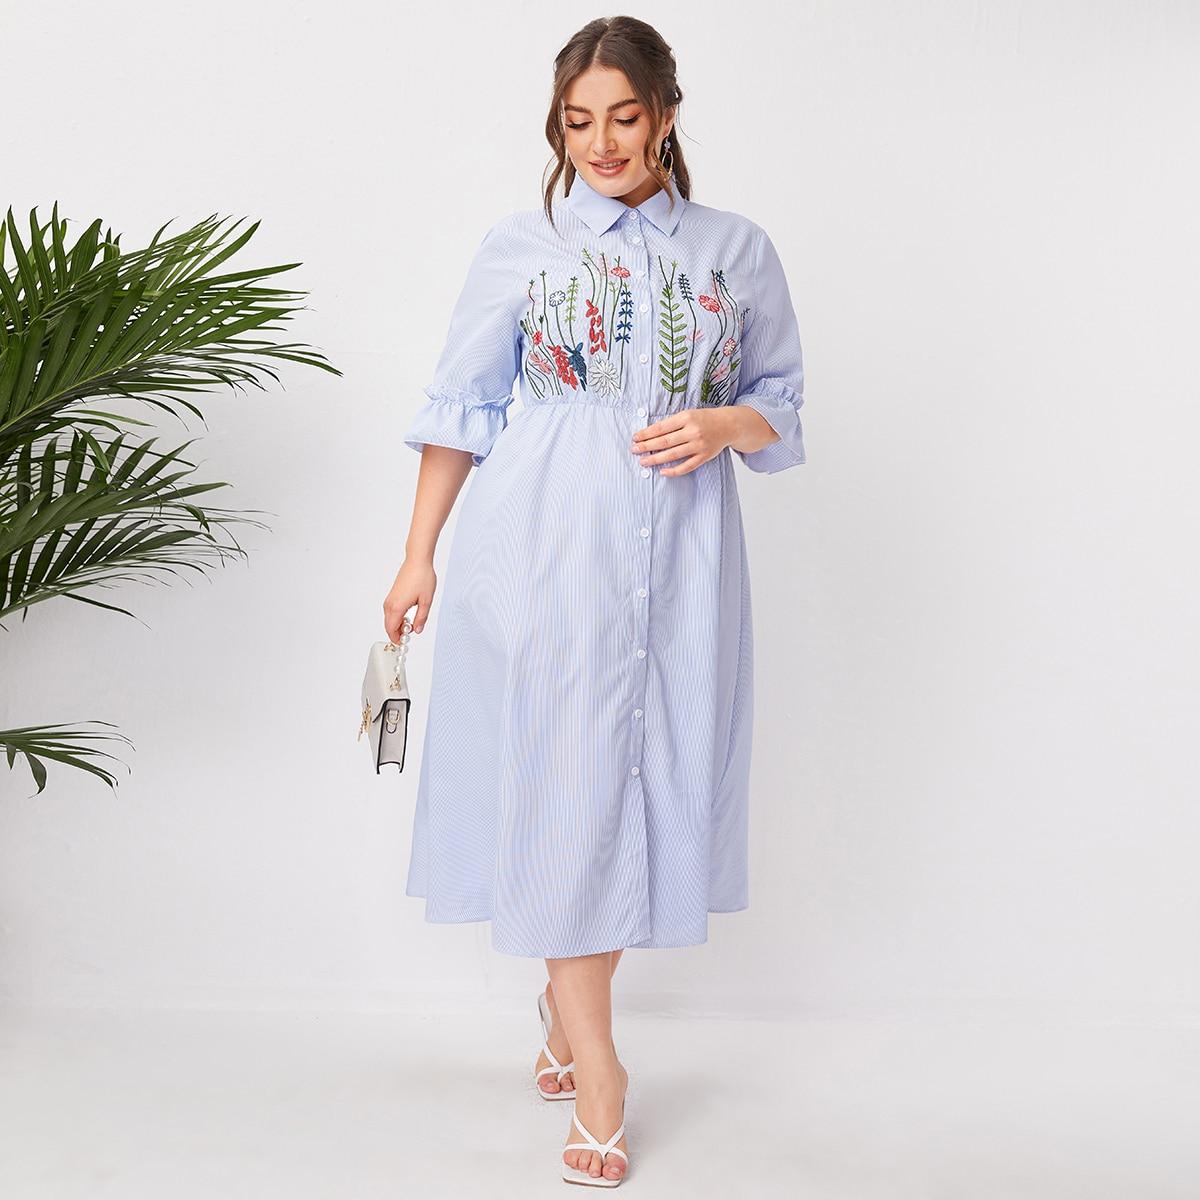 Вышивка Цветочный Повседневный Платья размер плюс